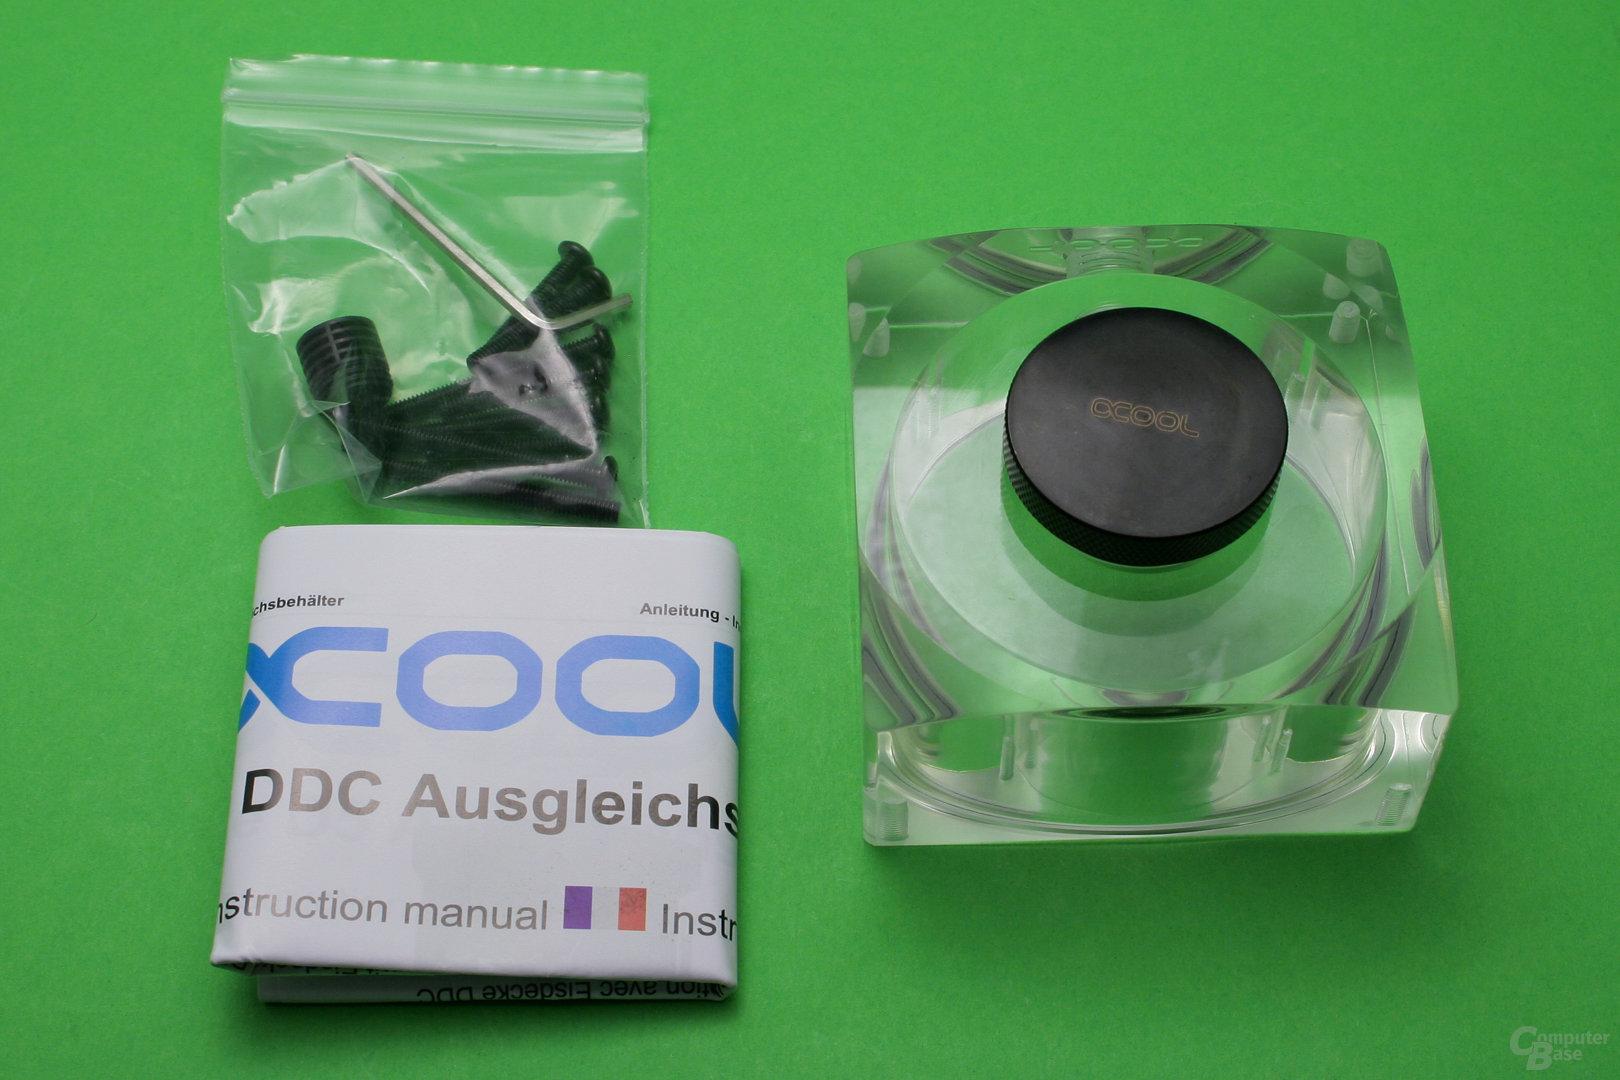 Alphacool Eisdecke Ausgleichsbehälter für DDC/D5: Der kleine AGB kann als Zusatz für die Eisdecke genutzt werden